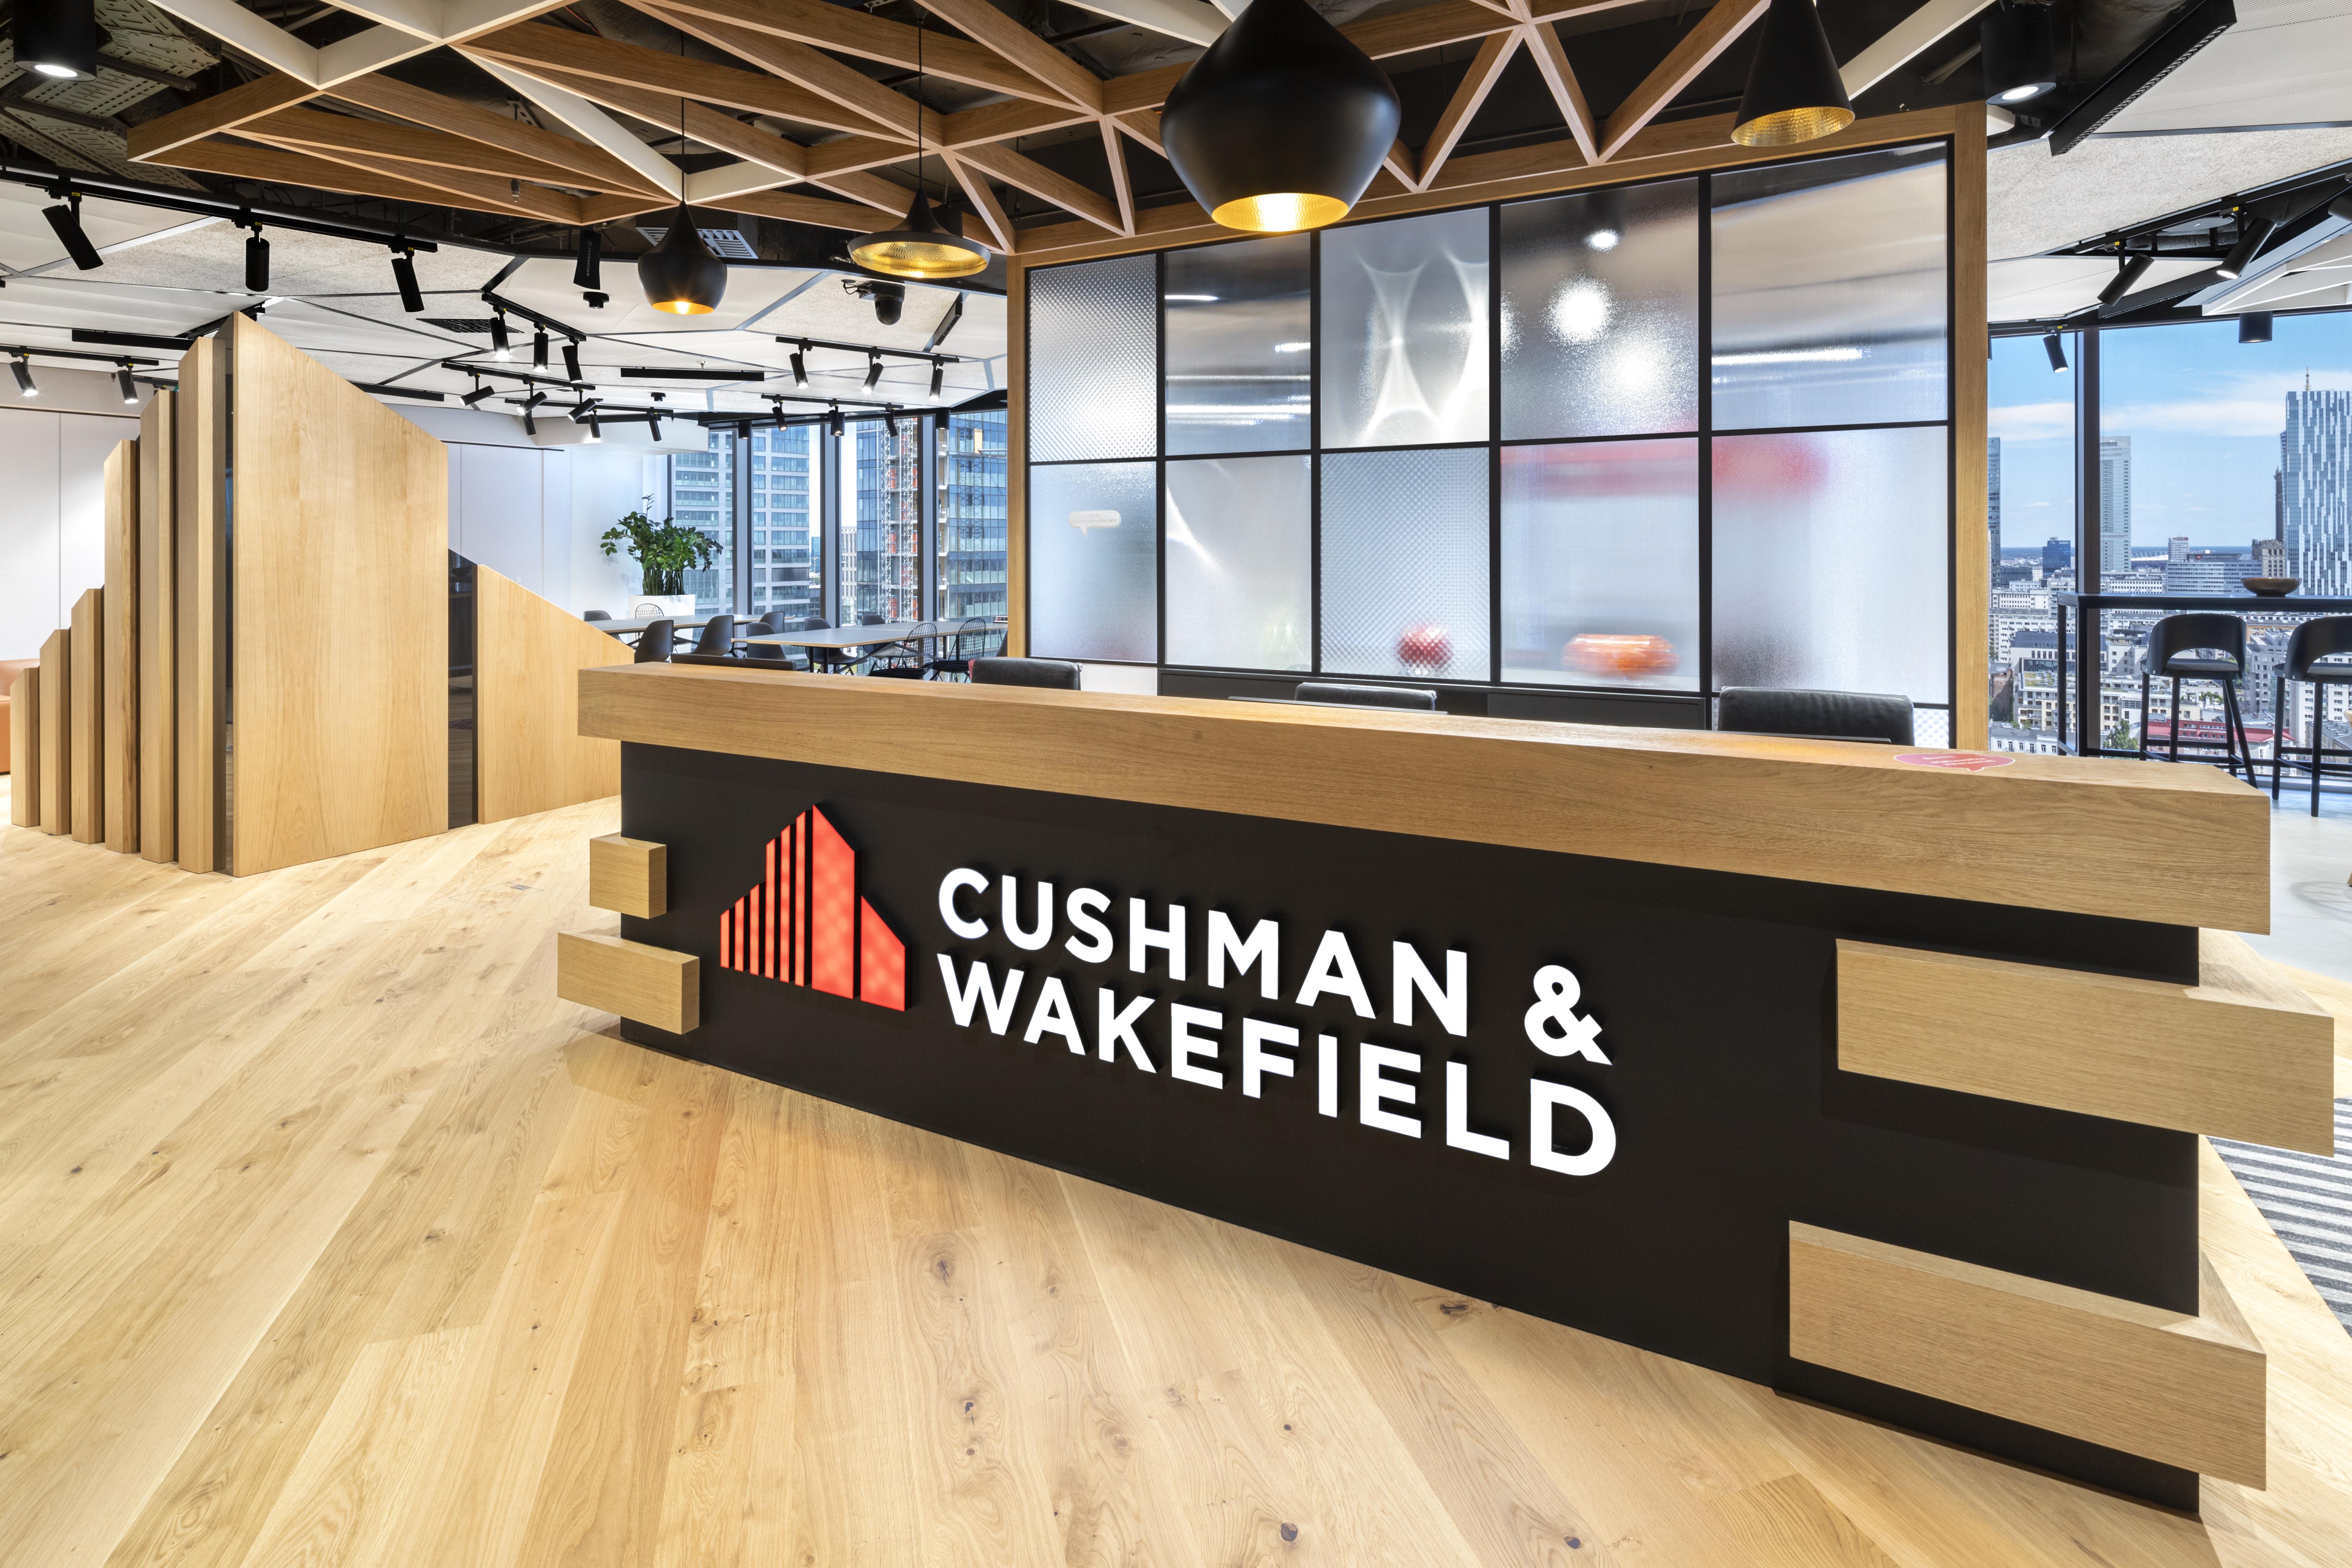 Zespół zajmujący się strategią miejsca pracy (workplace strategy) zorganizował liczne spotkania z pracownikami, które pozwoliły zdefiniować najważniejsze oczekiwania. (Fot. Szymon Polański/Massive Design)